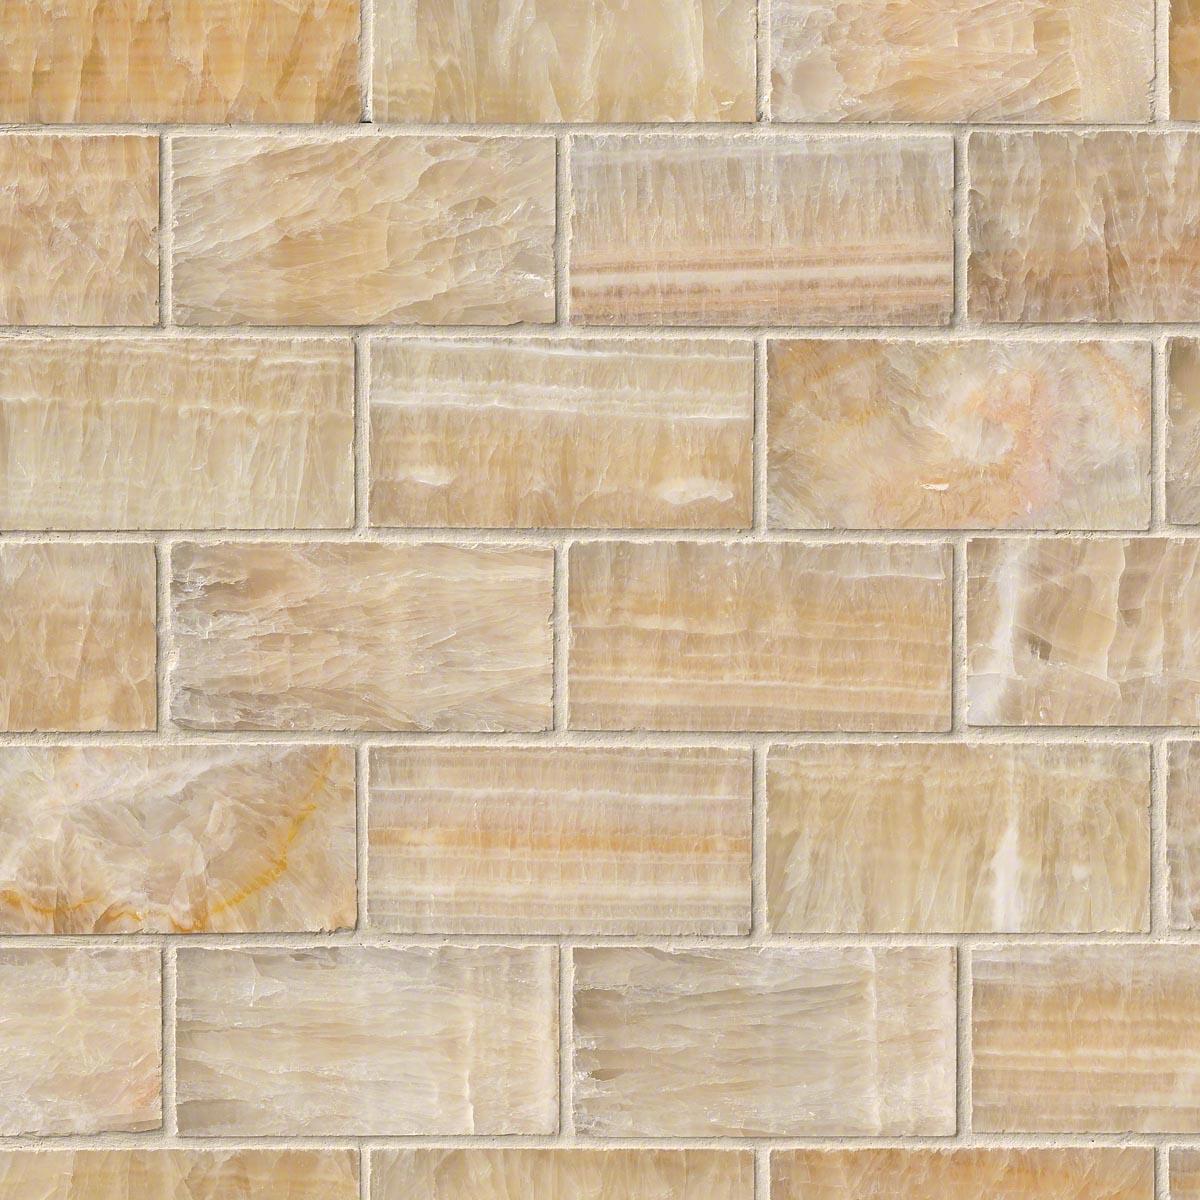 Msi Stone Honey Onyx Subway Mosaic Backsplash Smot Brick Ho8mm Hdaz